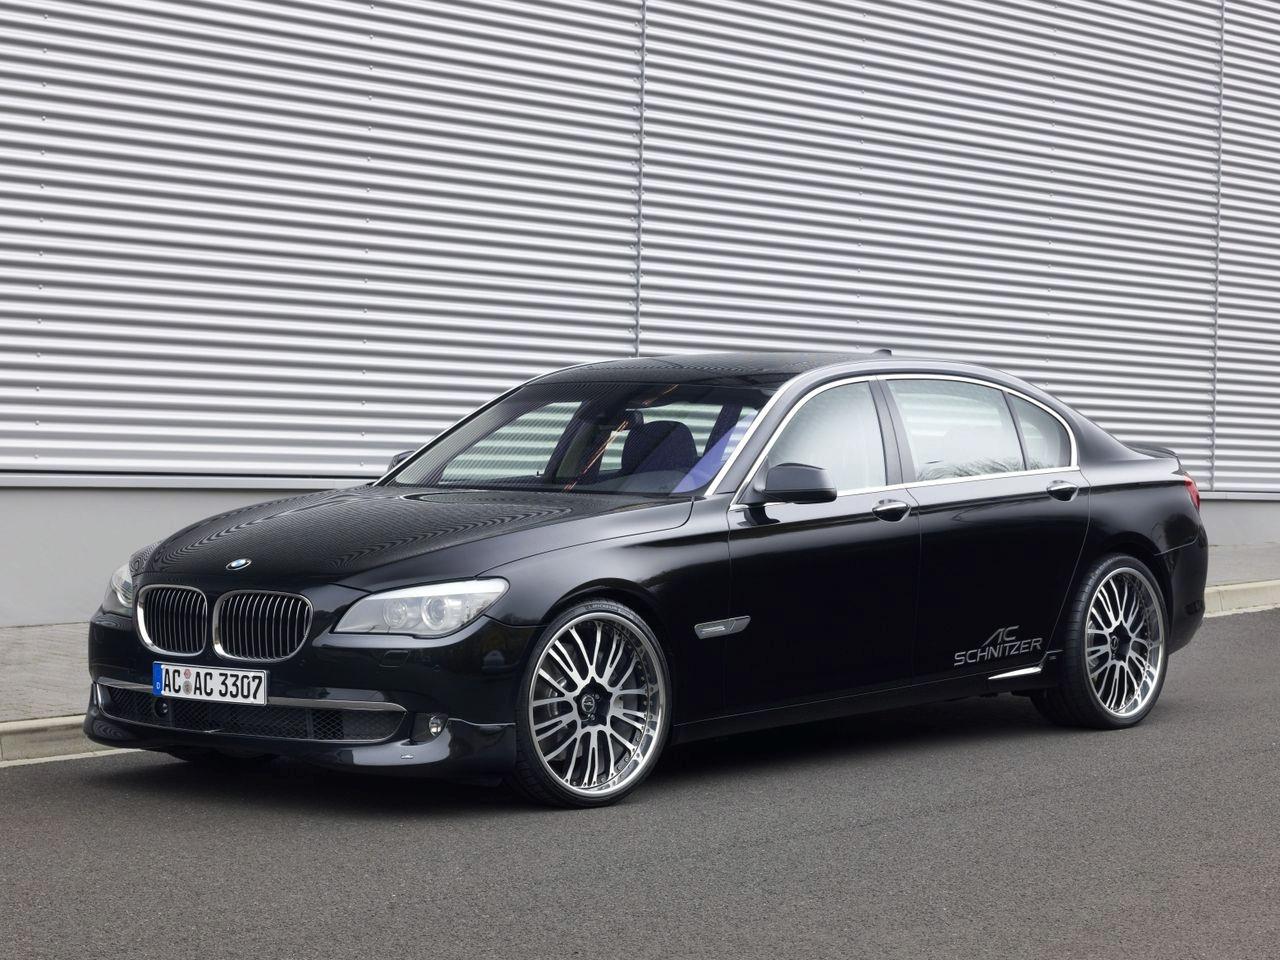 http://3.bp.blogspot.com/-DlUAYjD7JsE/UNcw3KbqWII/AAAAAAAADwY/SH3Qfhi6dQM/s1600/BMW-7-Series-750Li-1.jpg